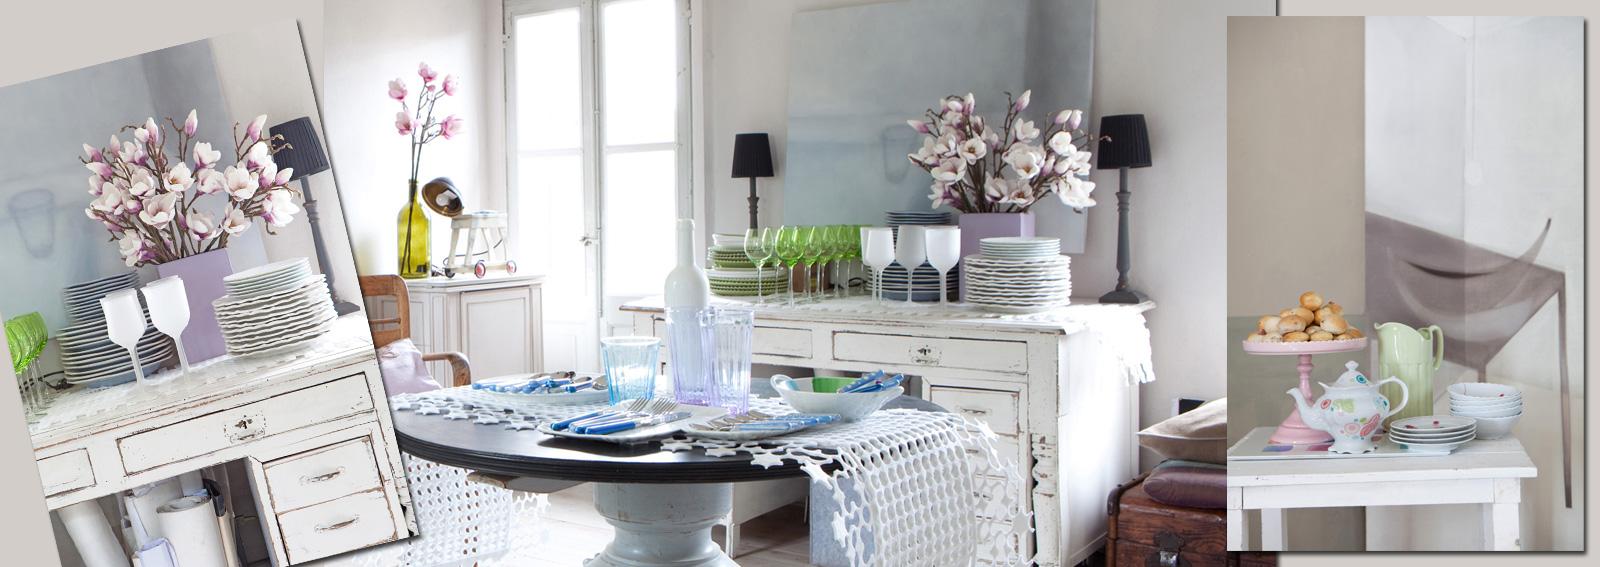 Informati su arredamento moderno casa risorse della rete for Stile moderno della prateria